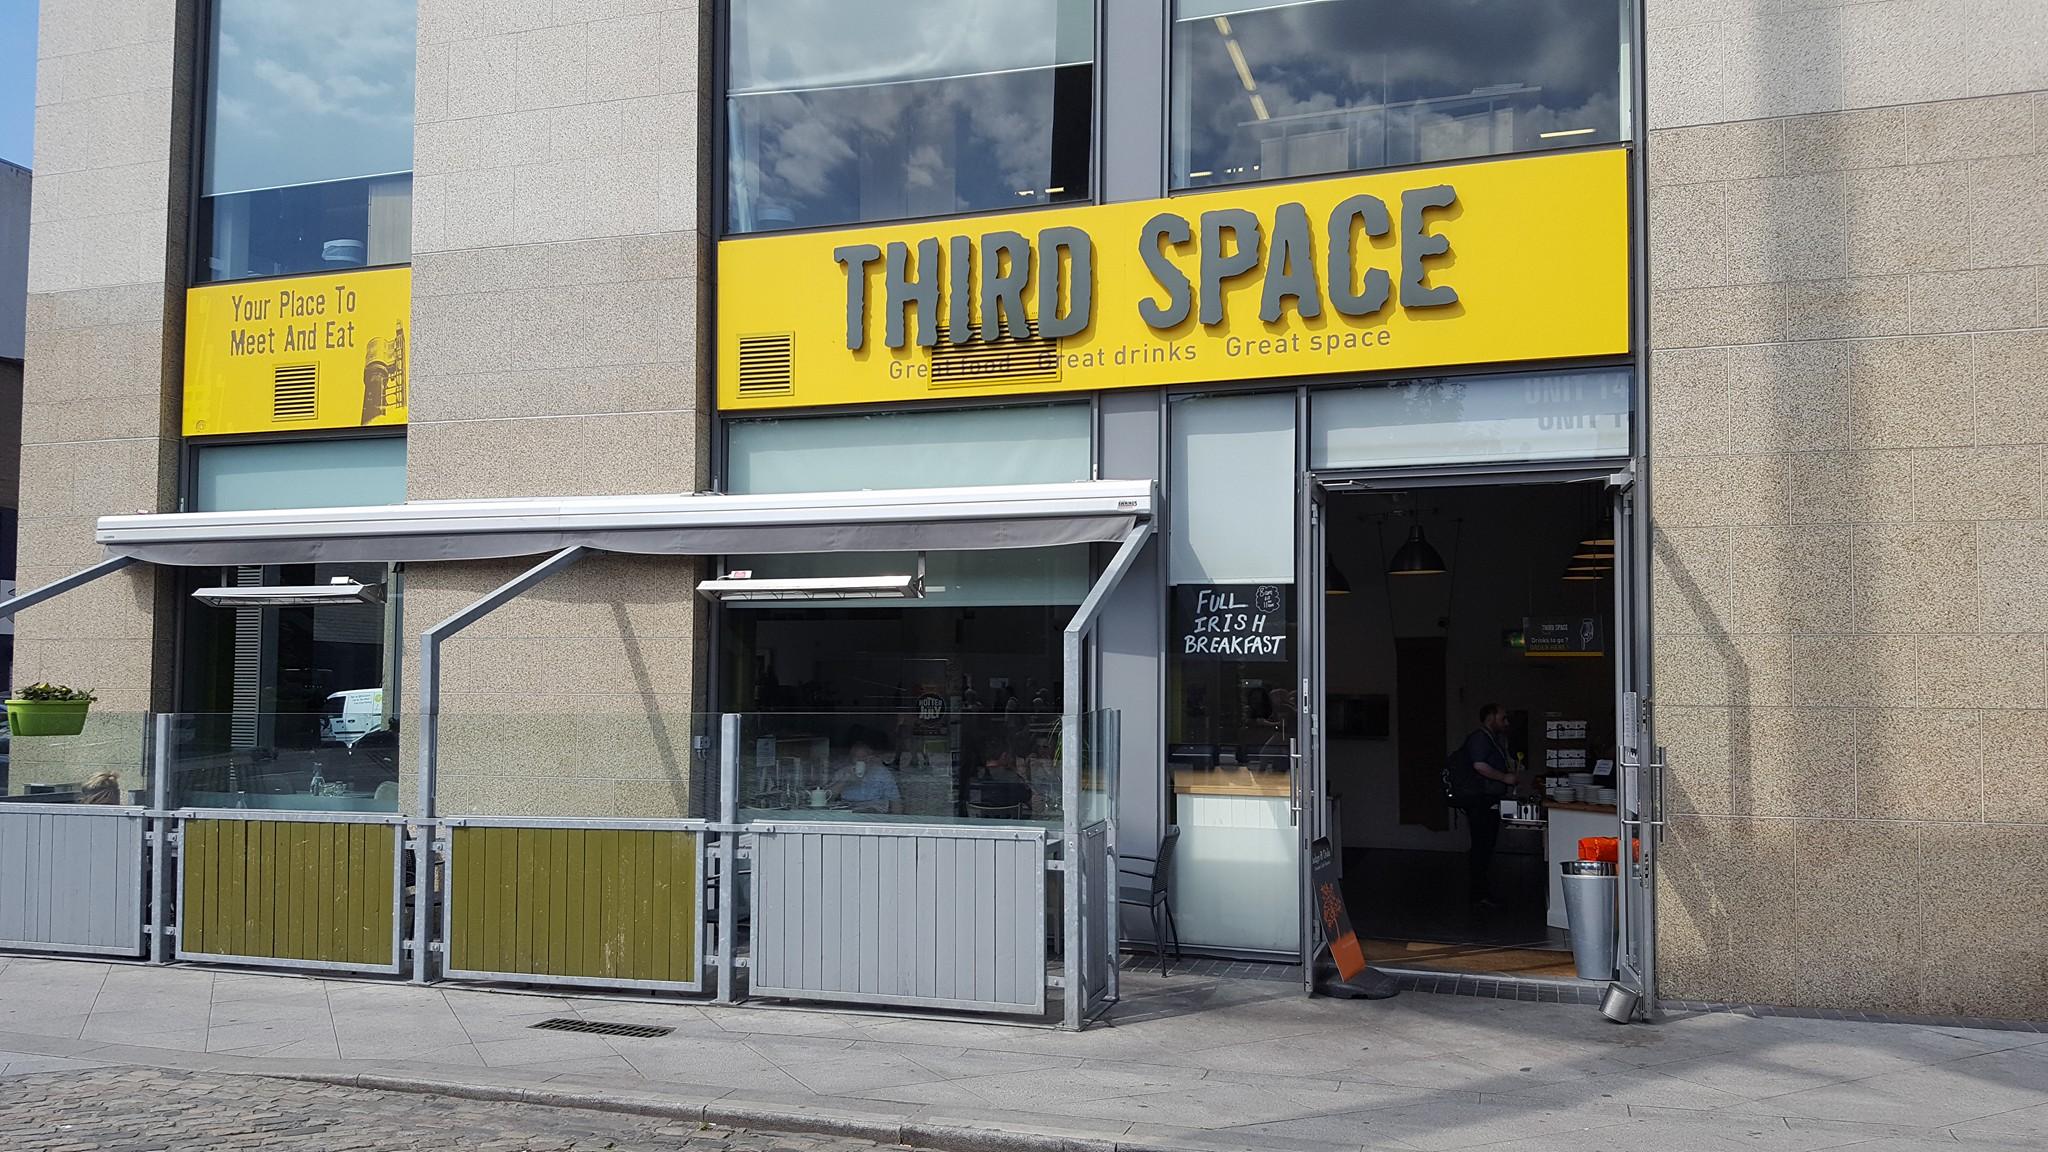 3d_third_space.jpg